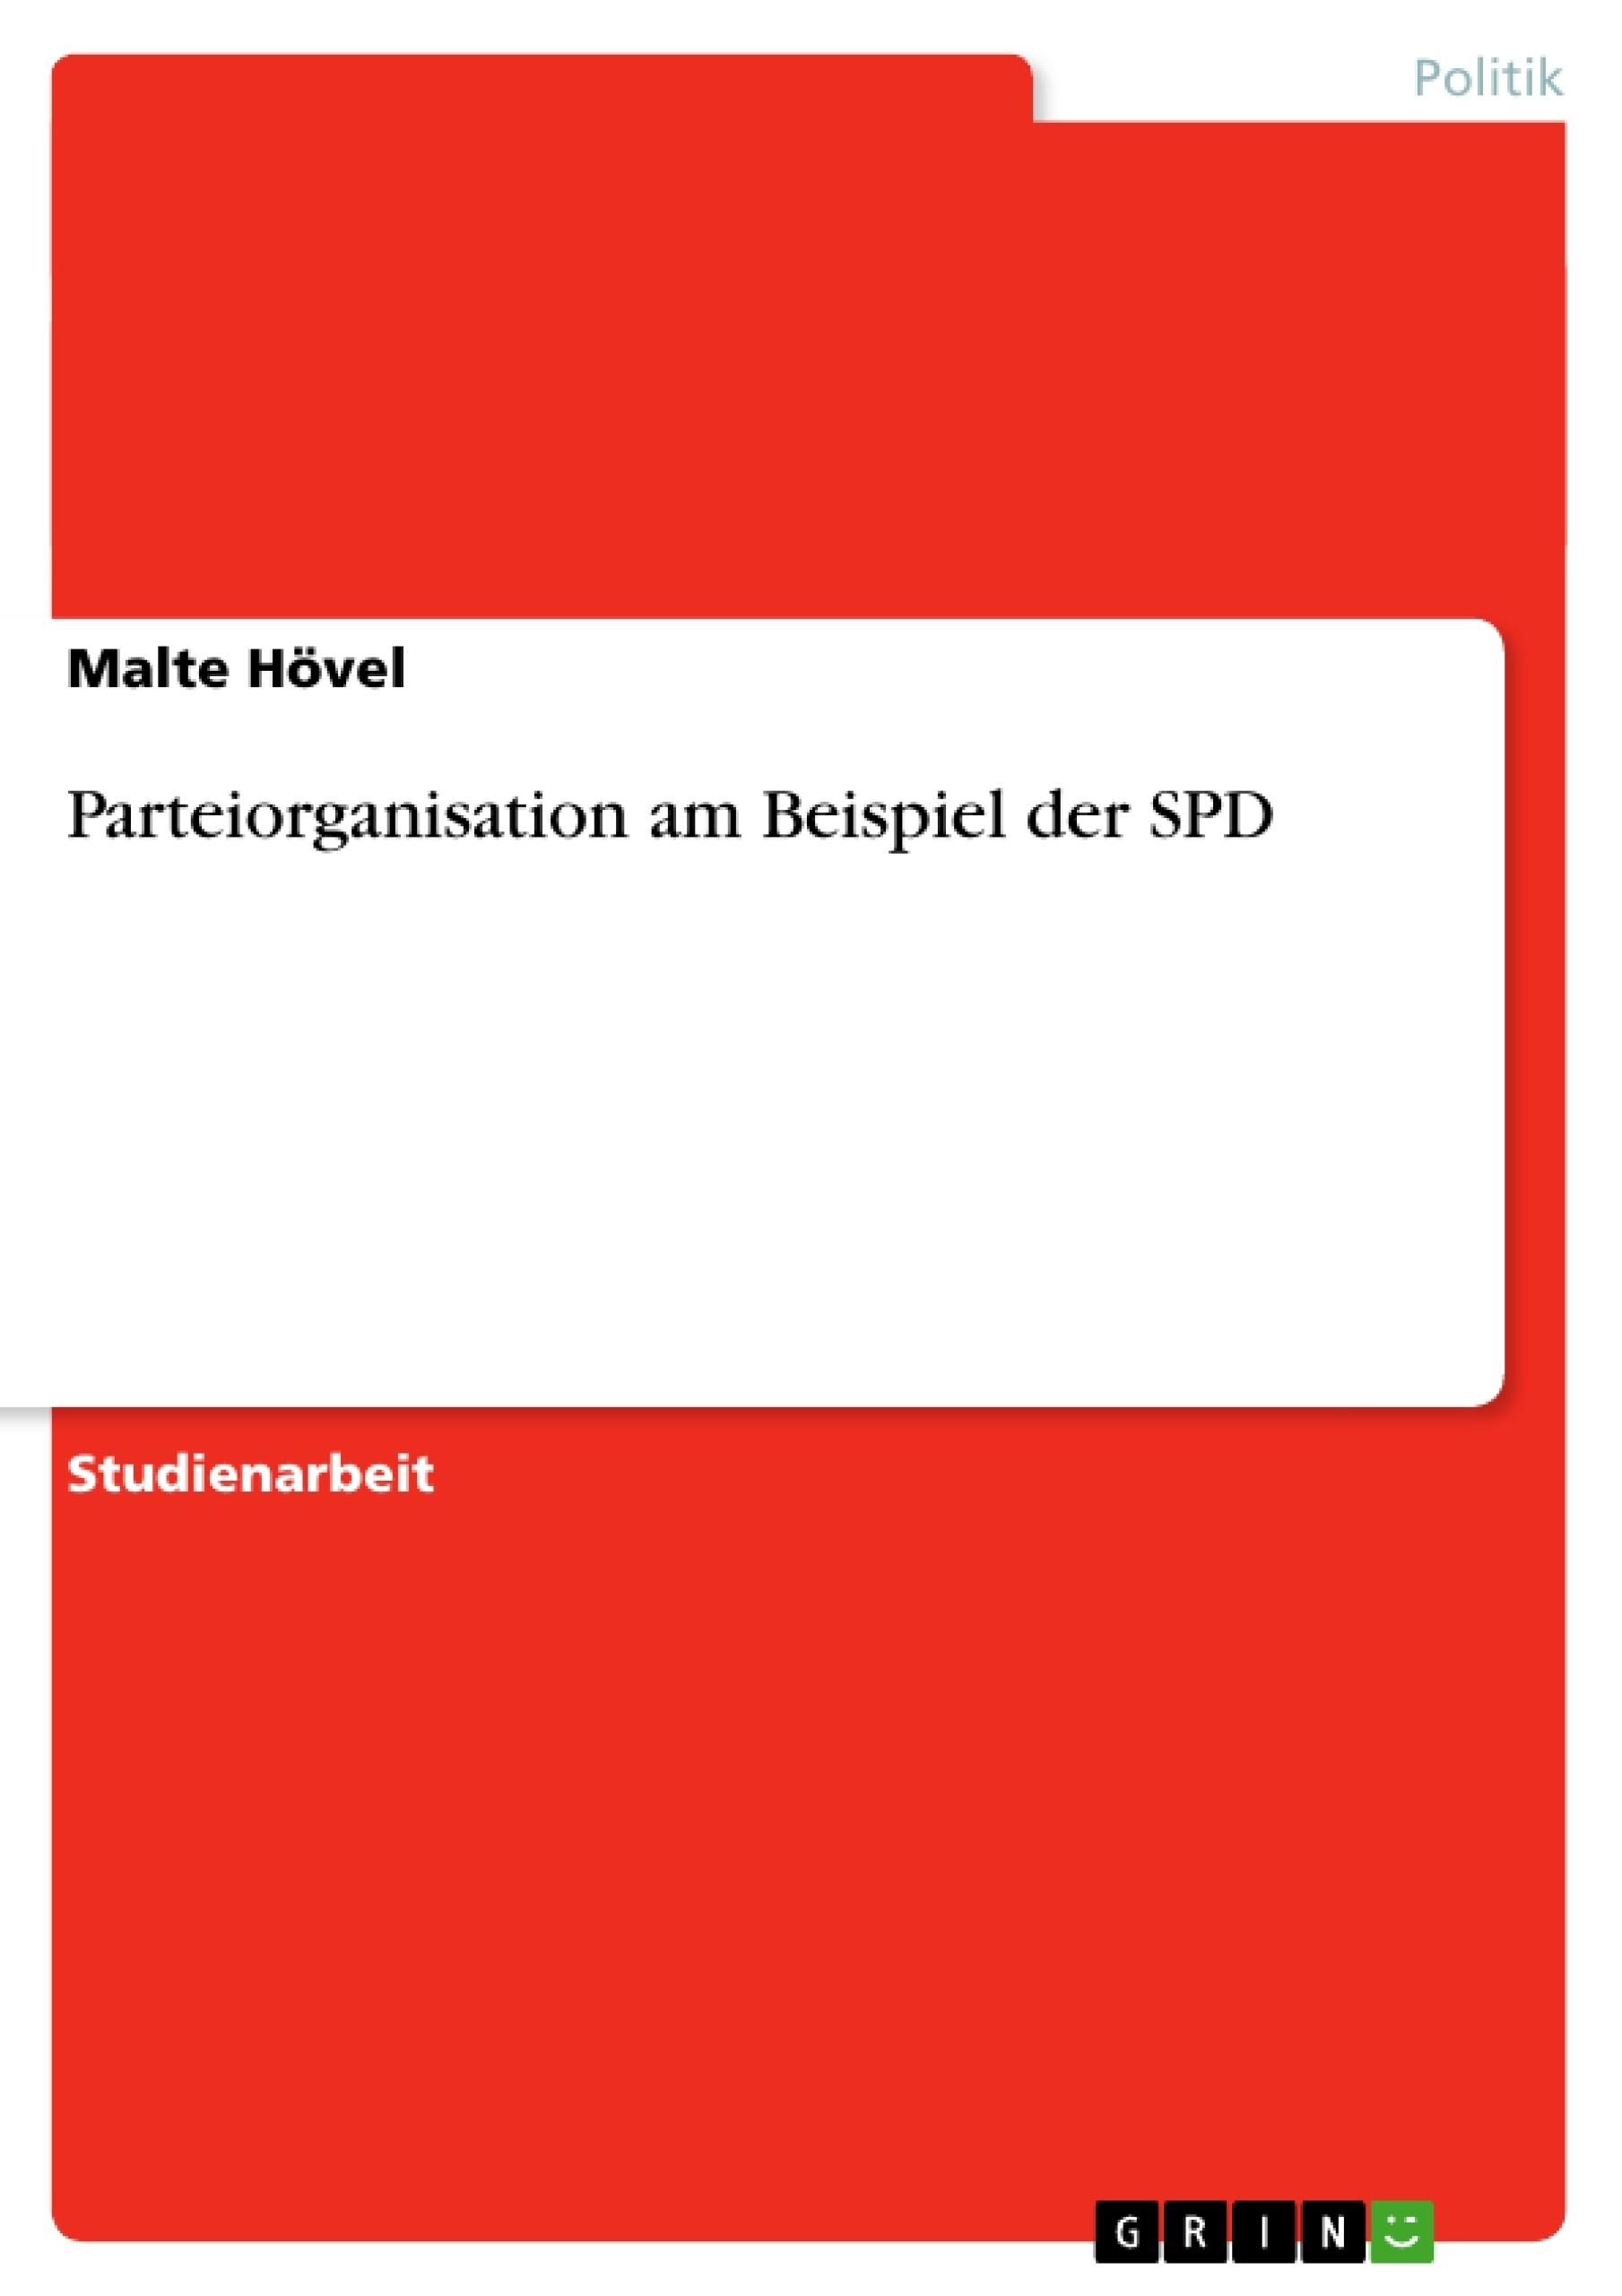 Titel: Parteiorganisation am Beispiel der SPD